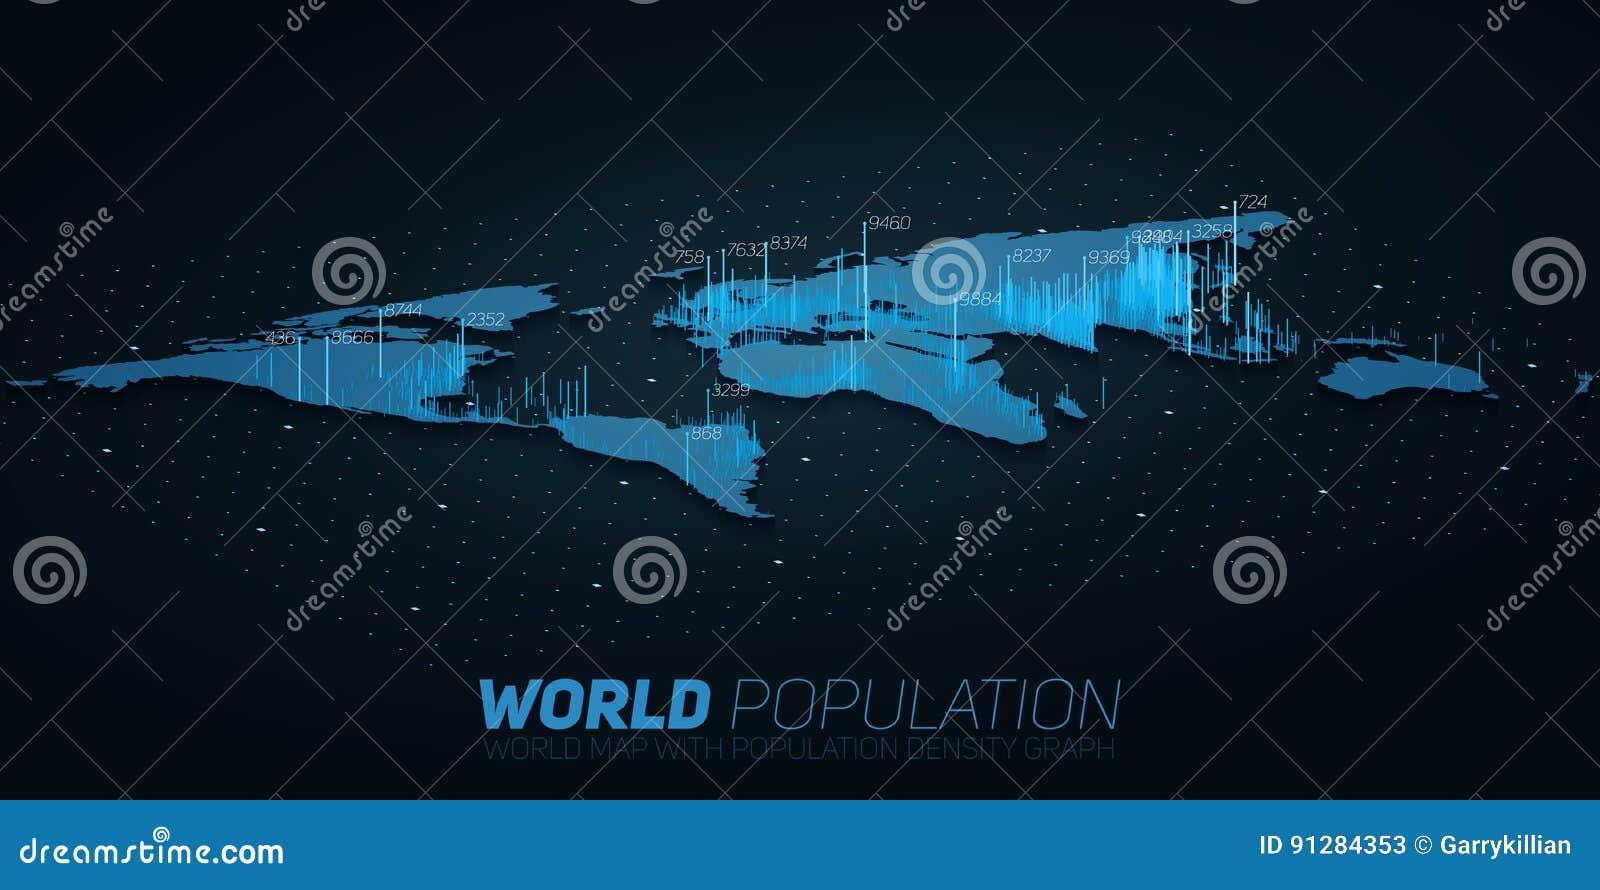 世界人口地图大数据形象化 infographic未来派的地图 信息美学 视觉数据复杂性